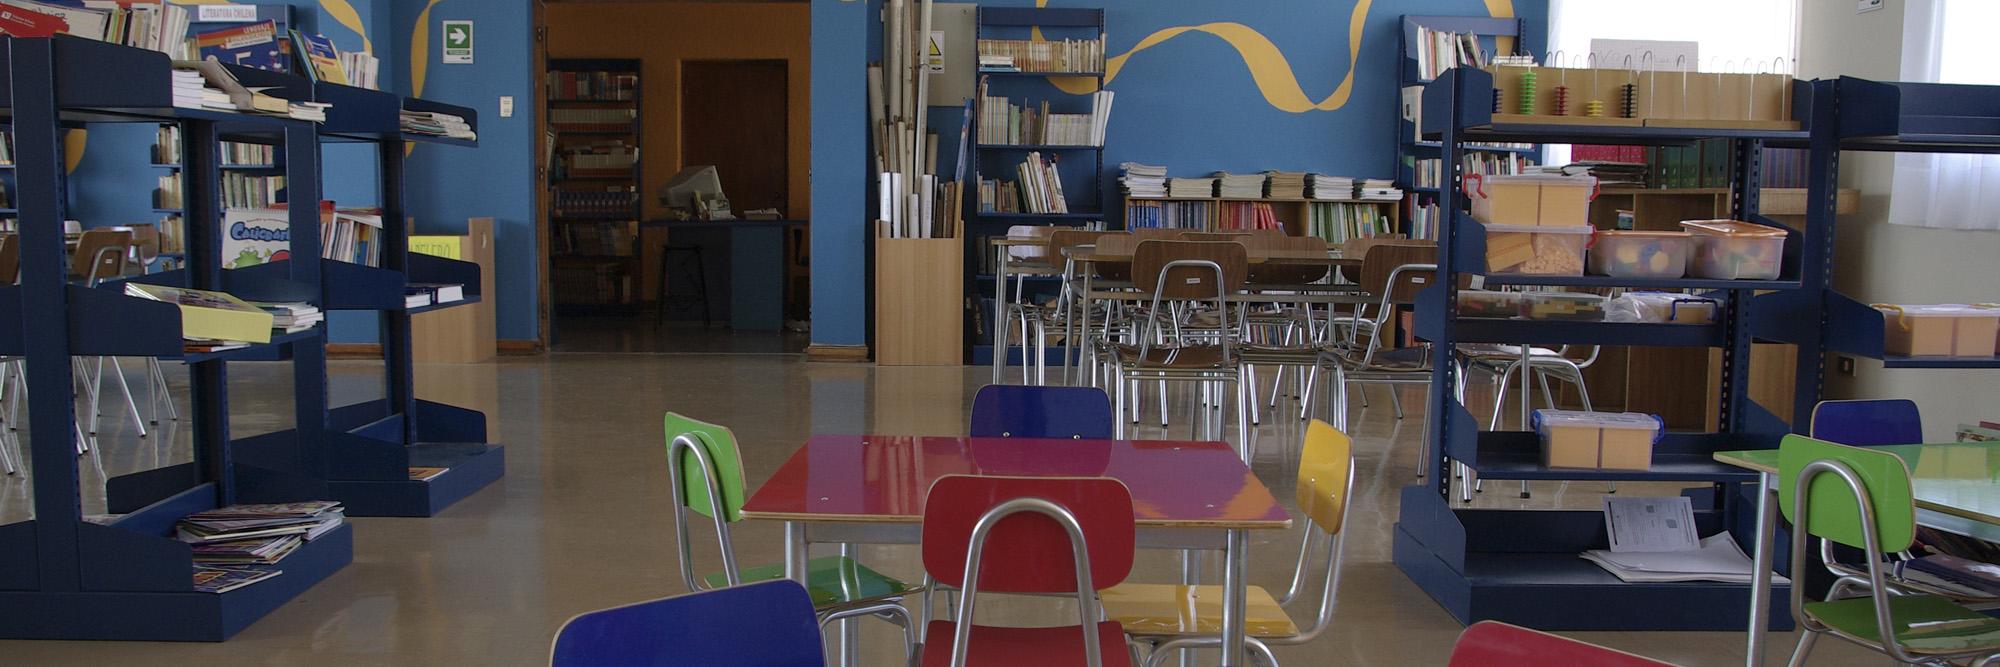 centro_recursos_aprendizaje_vina